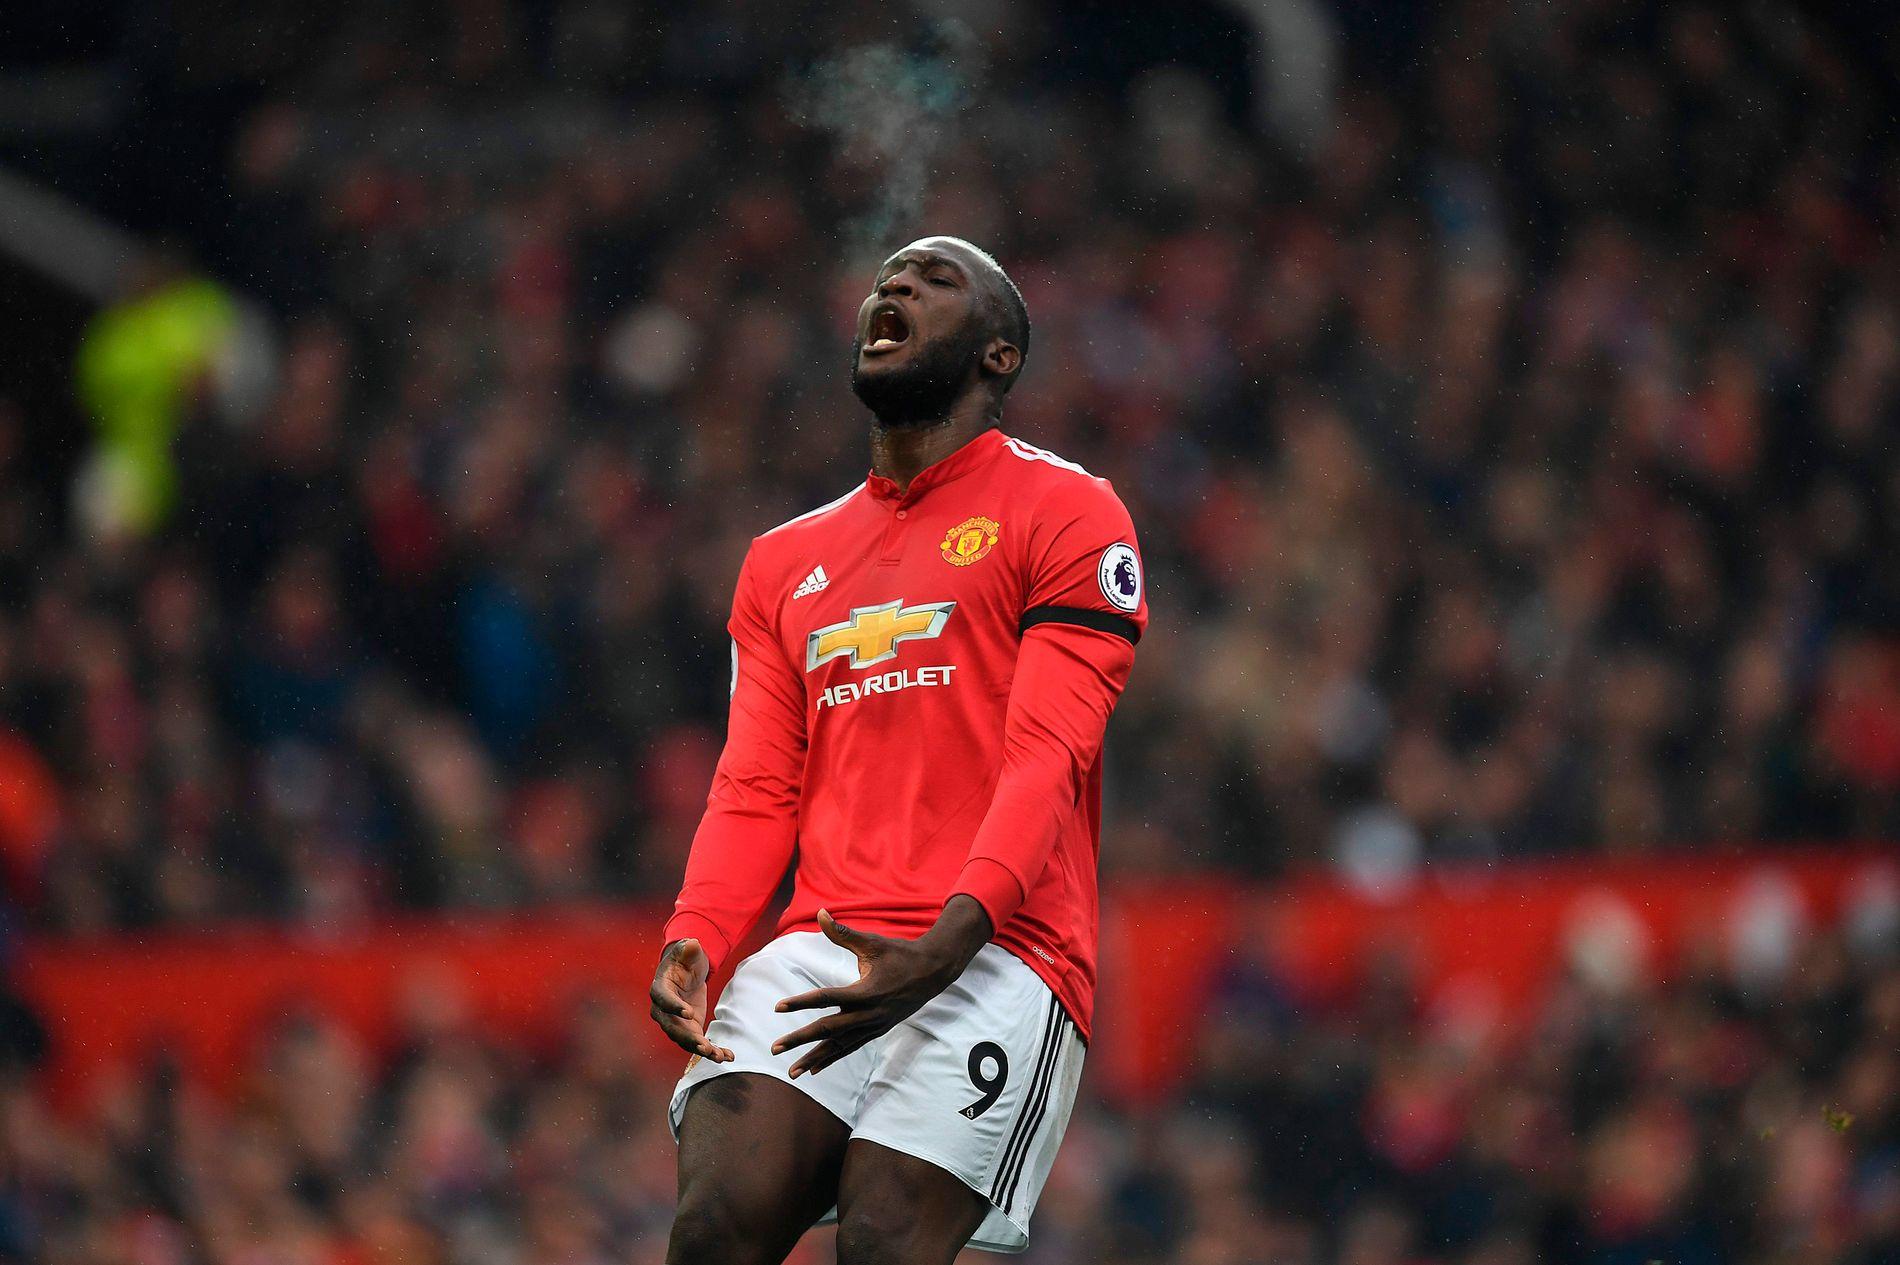 FÅR KRITIKK: Romelu Lukaku har fortsatt ikke scoret mot et topplag for Manchester United i Premier League. Her mot Huddersfield.